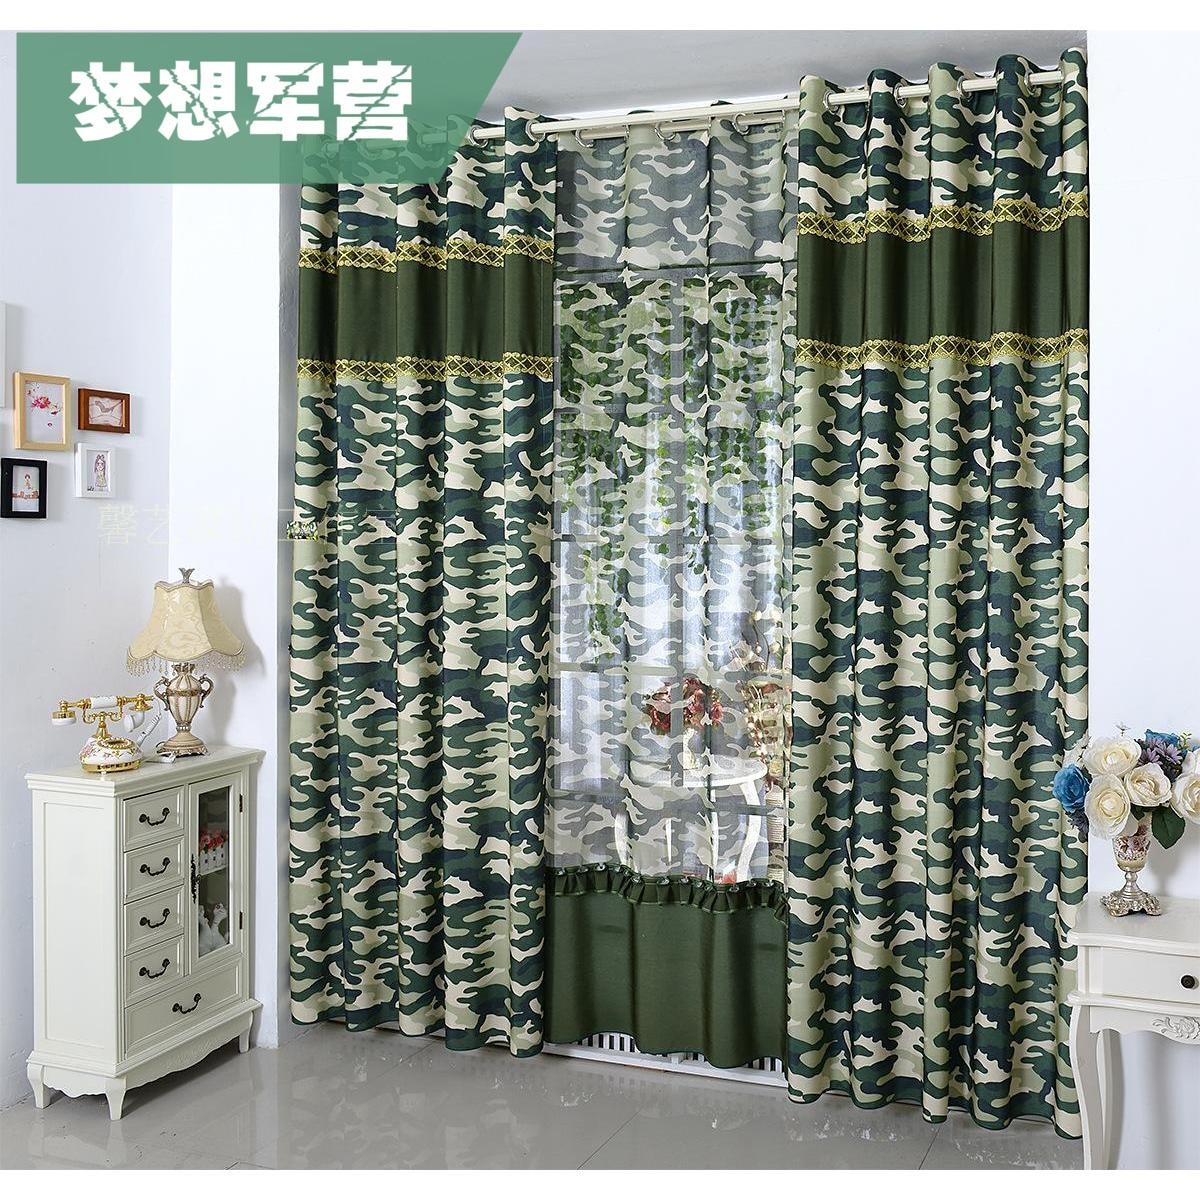 achetez en gros camouflage rideaux en ligne des grossistes camouflage rideaux chinois. Black Bedroom Furniture Sets. Home Design Ideas